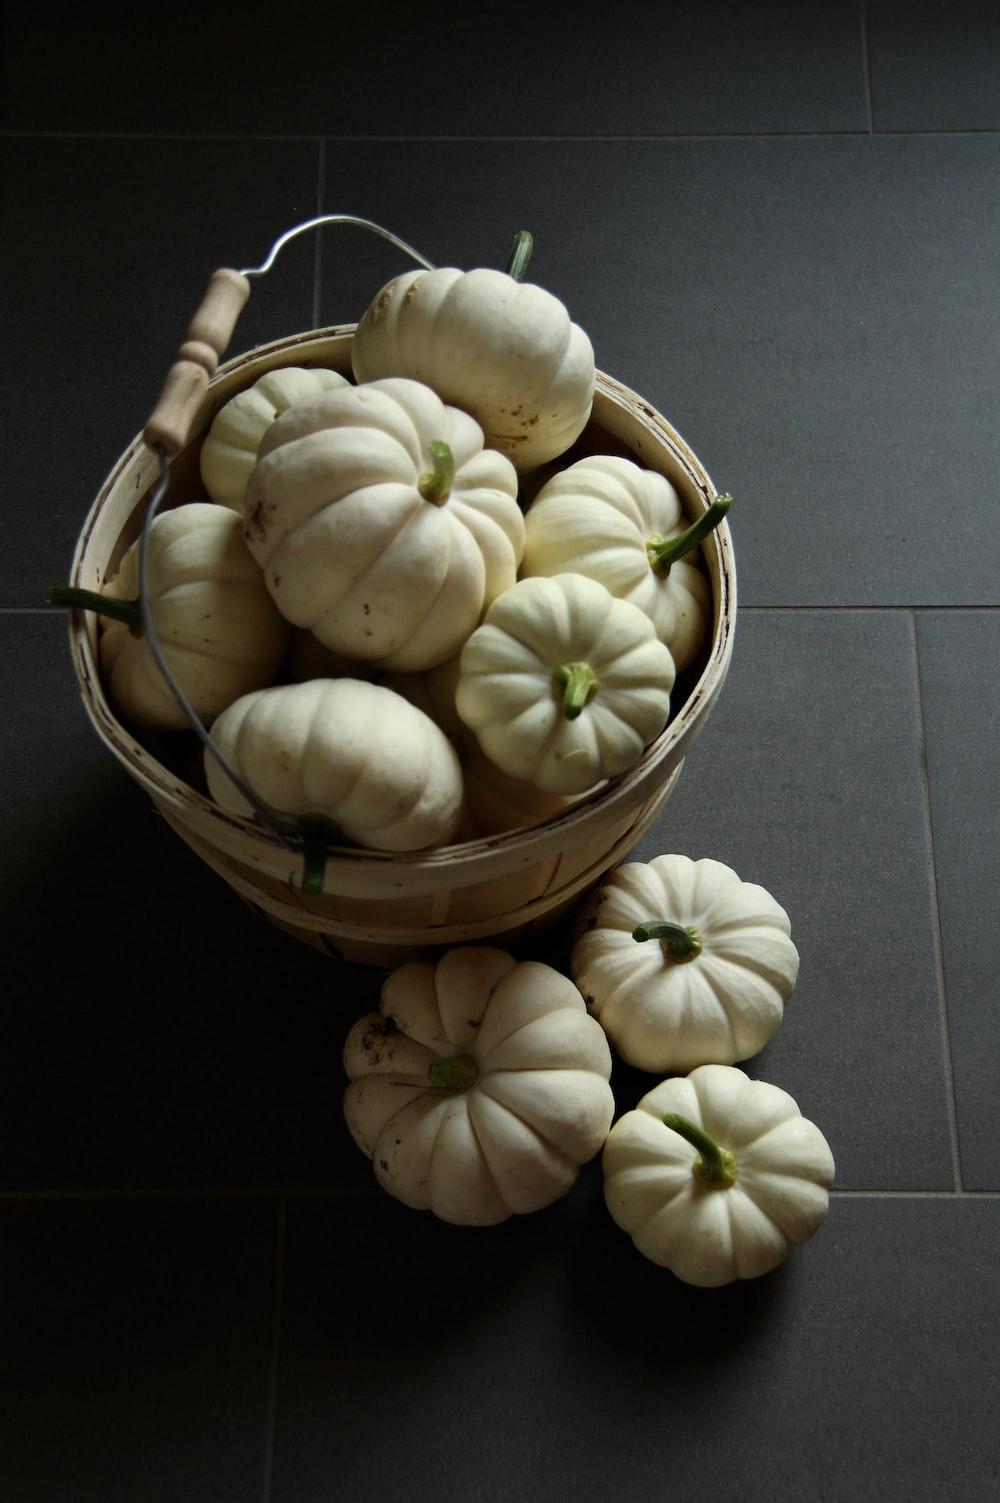 white garlic on brown wooden bucket